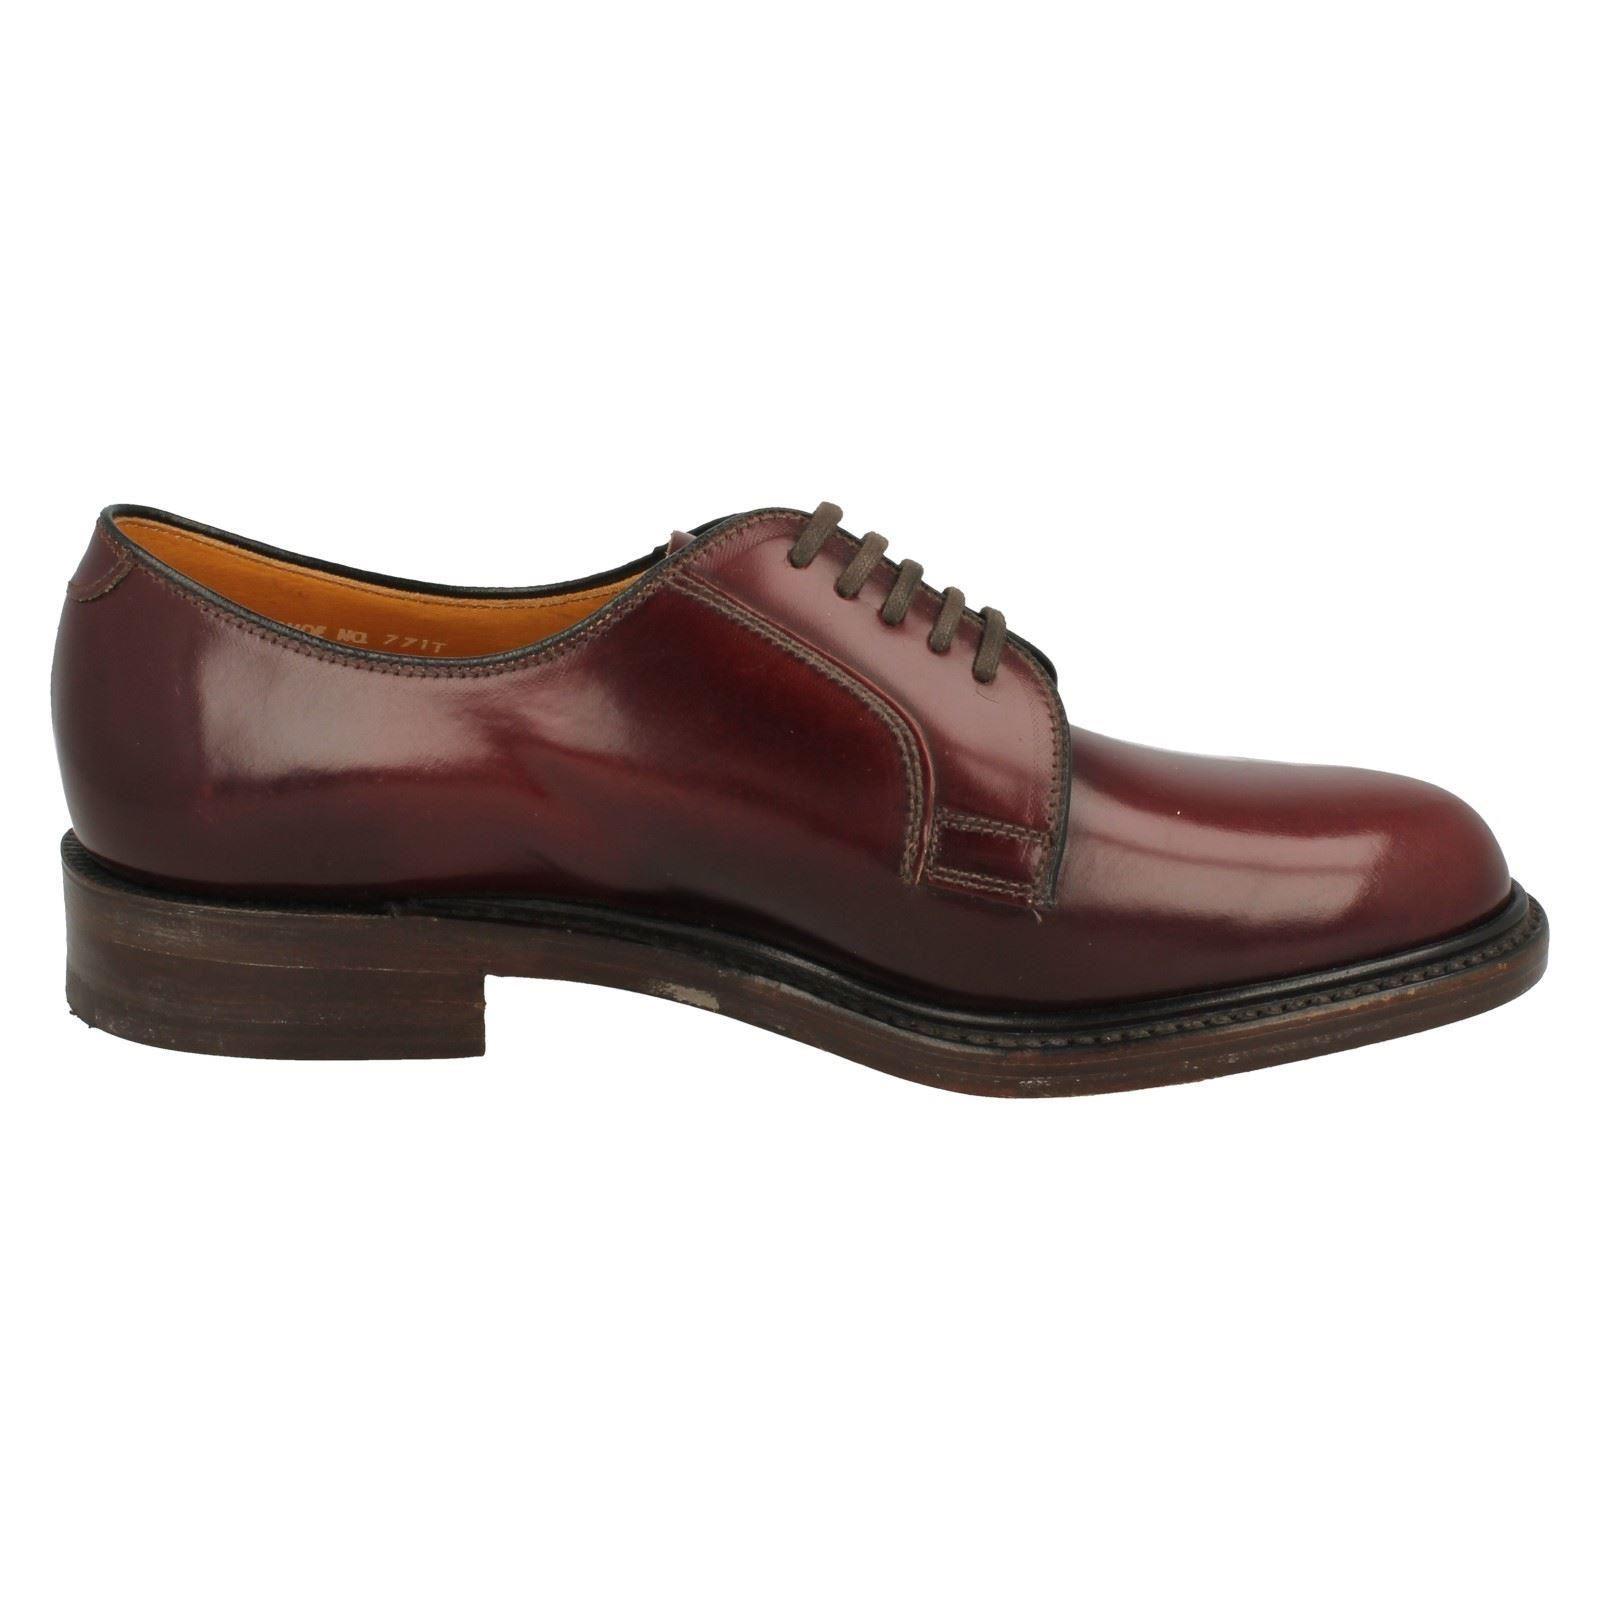 771T Loake pour homme en cuir classique à lacets chaussures